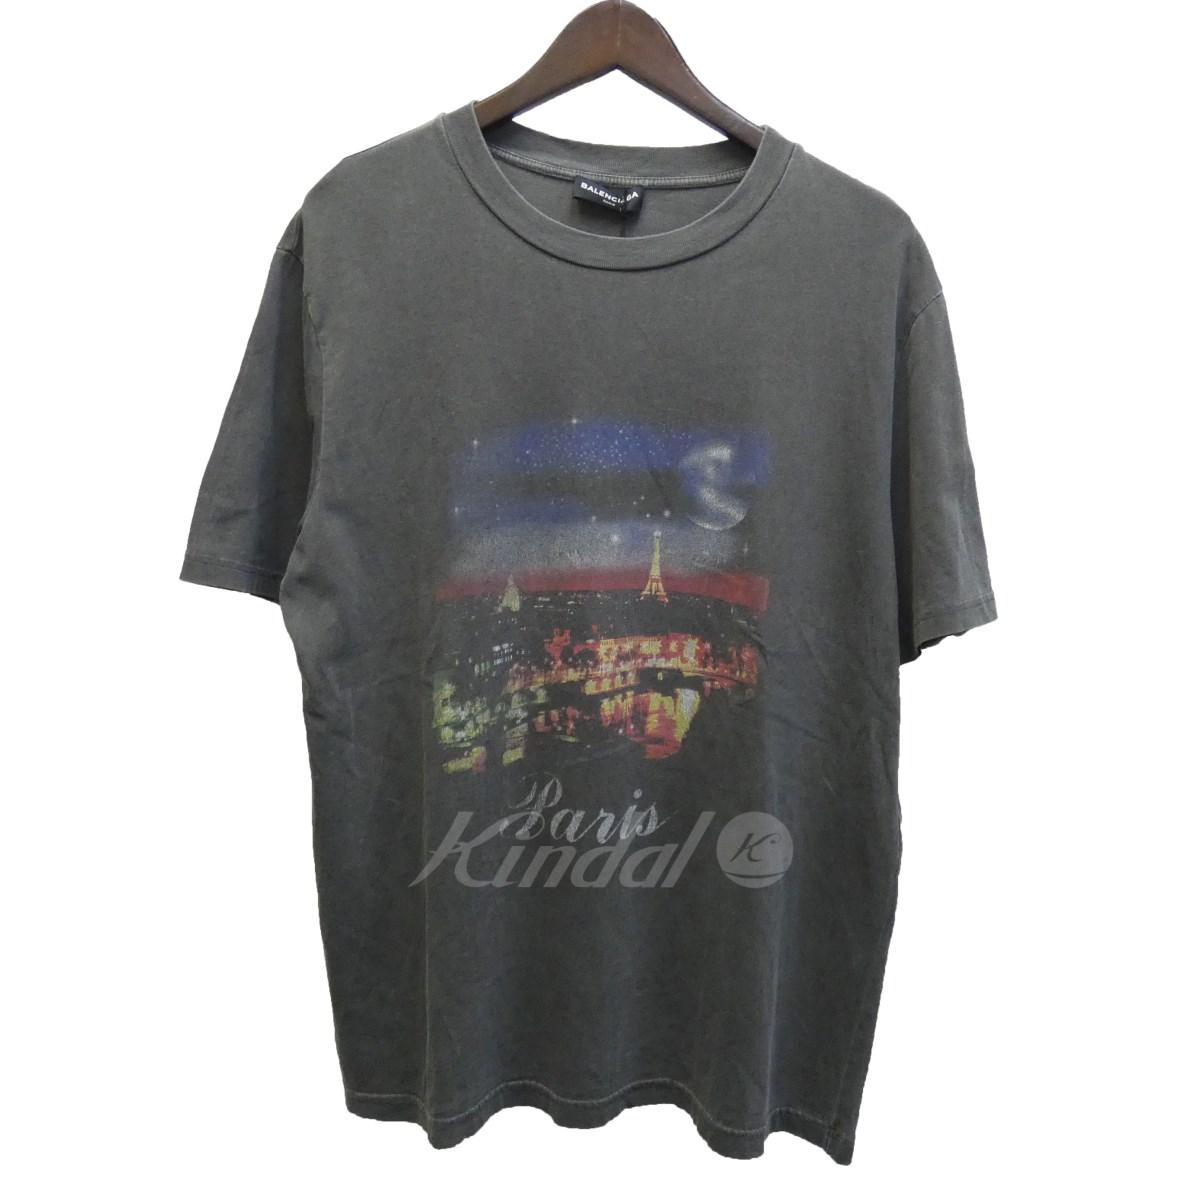 【中古】BALENCIAGA 18SS「Paris」ヴィンテージ加工プリントTシャツ グレー サイズ:M 【送料無料】 【051018】(バレンシアガ)